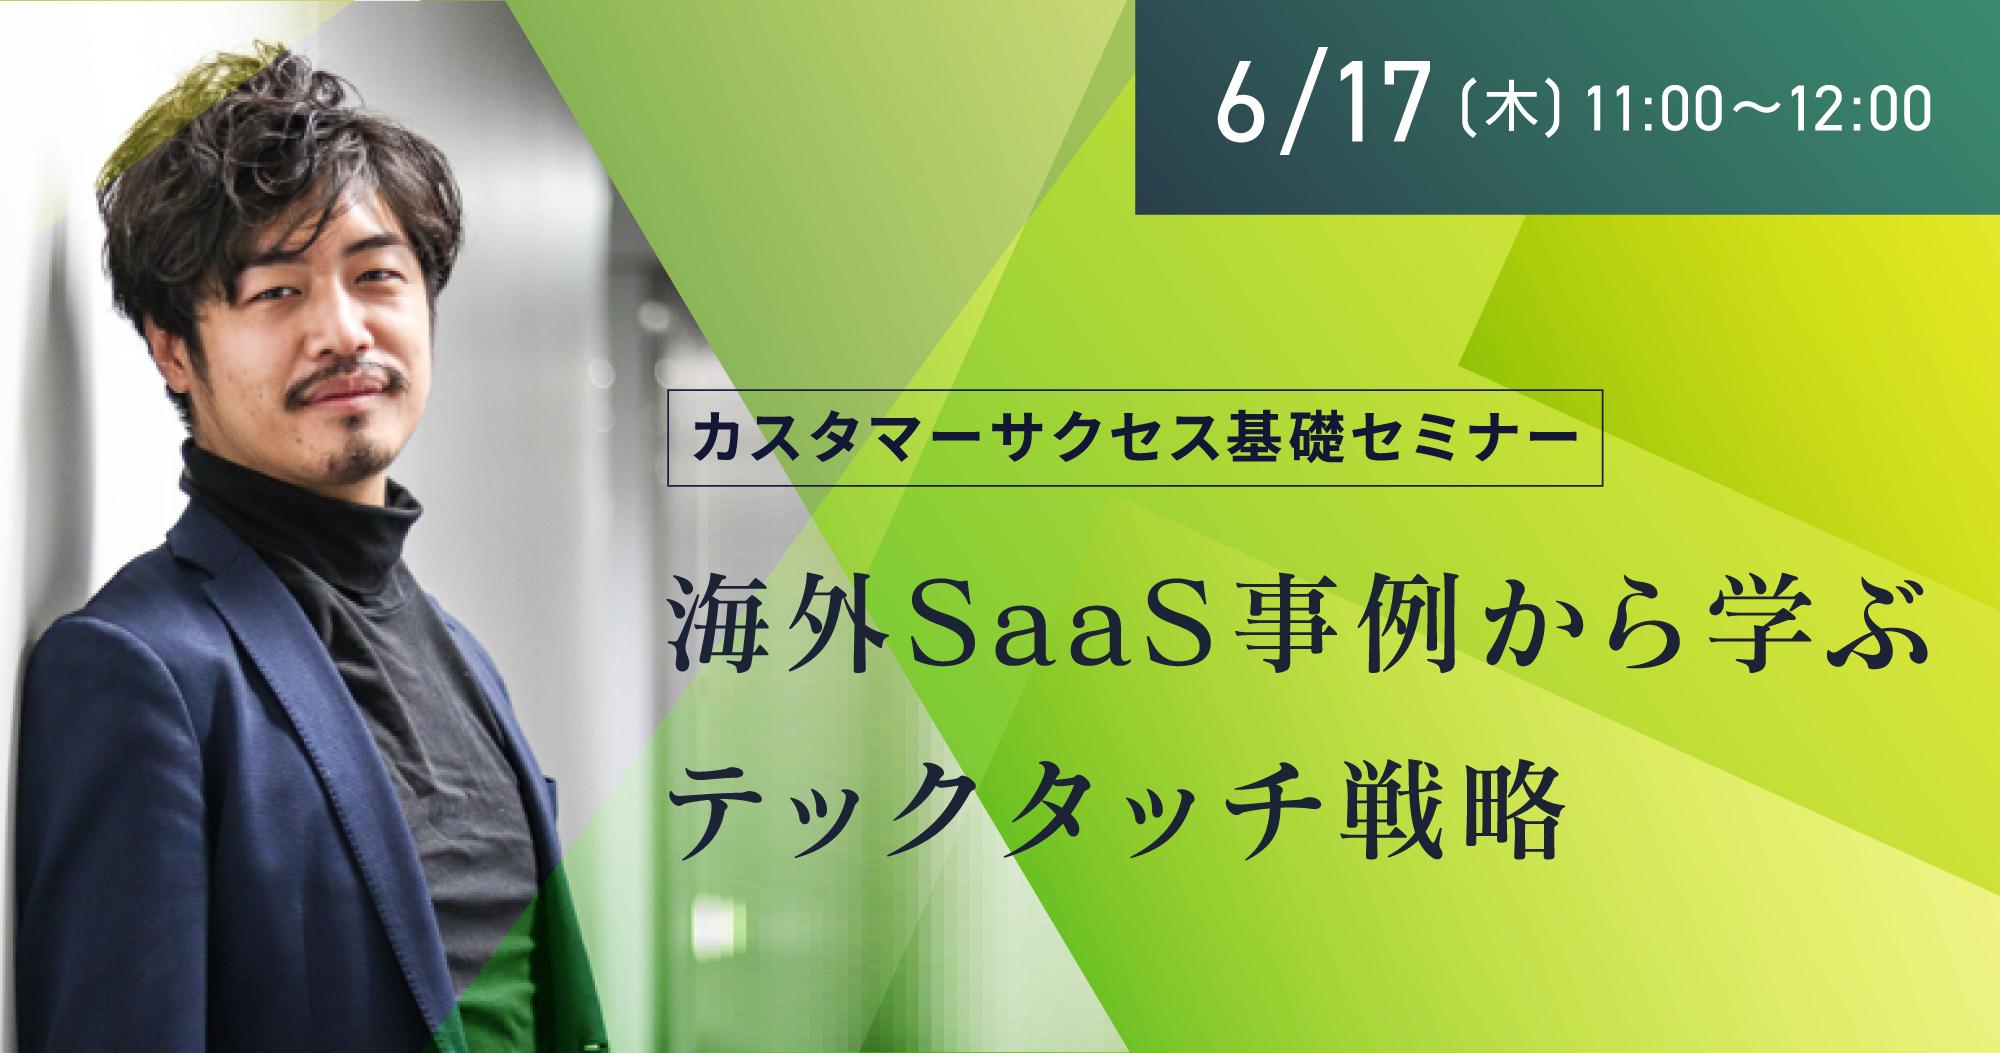 【6月17日(木)】[カスタマーサクセス基礎セミナー]海外SaaS事例から学ぶテックタッチ戦略